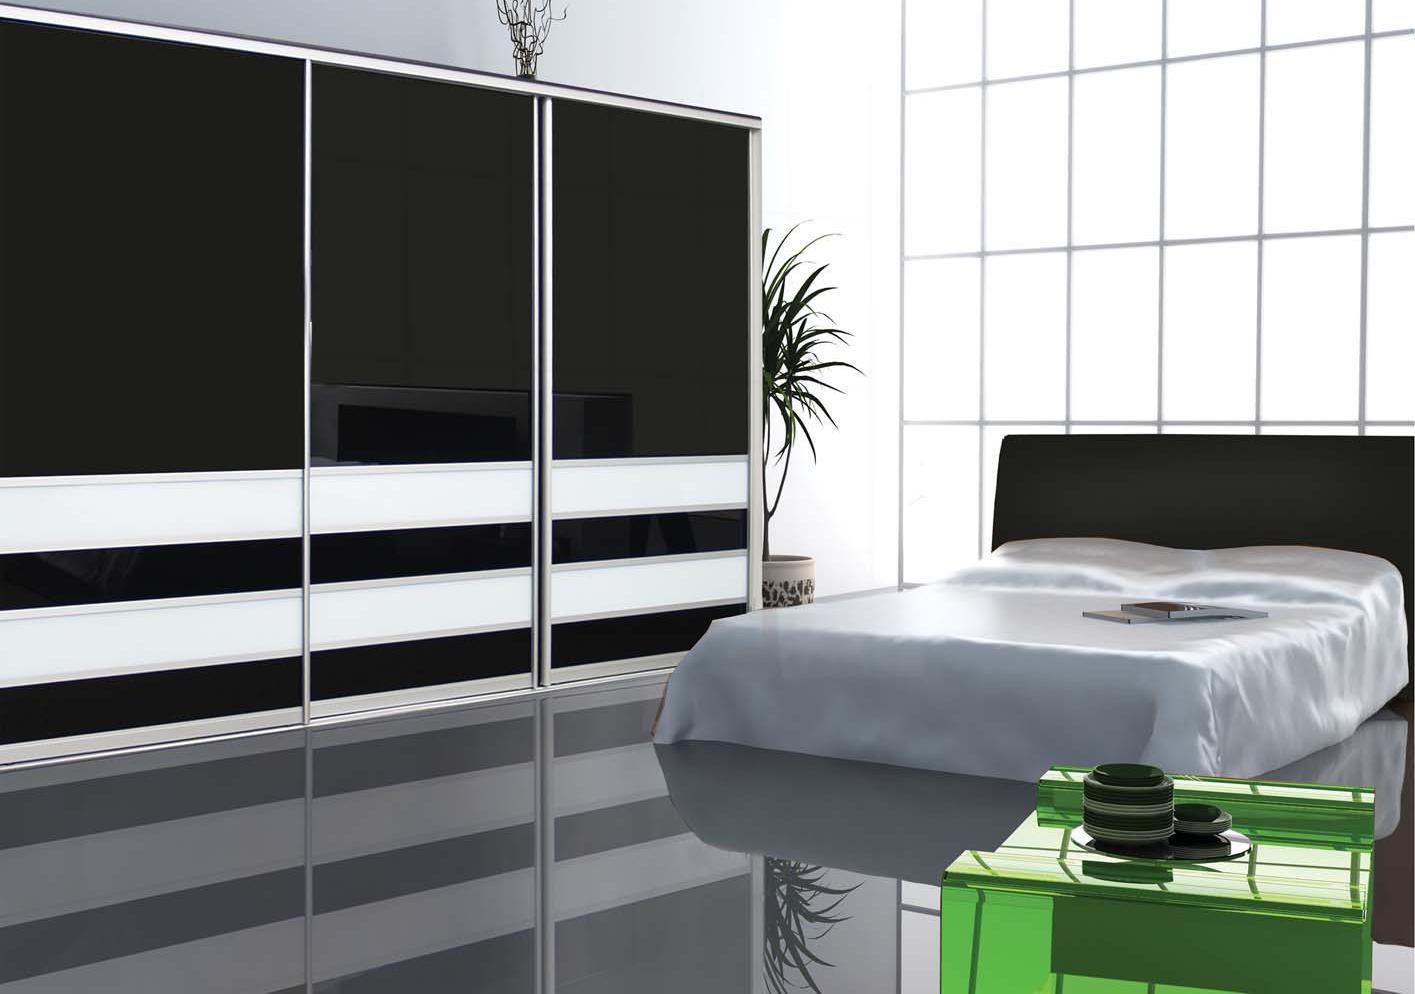 meuble tv moderne algerie meuble chambre a coucher algerie sariva - Chambre A Coucher Moderne Alger